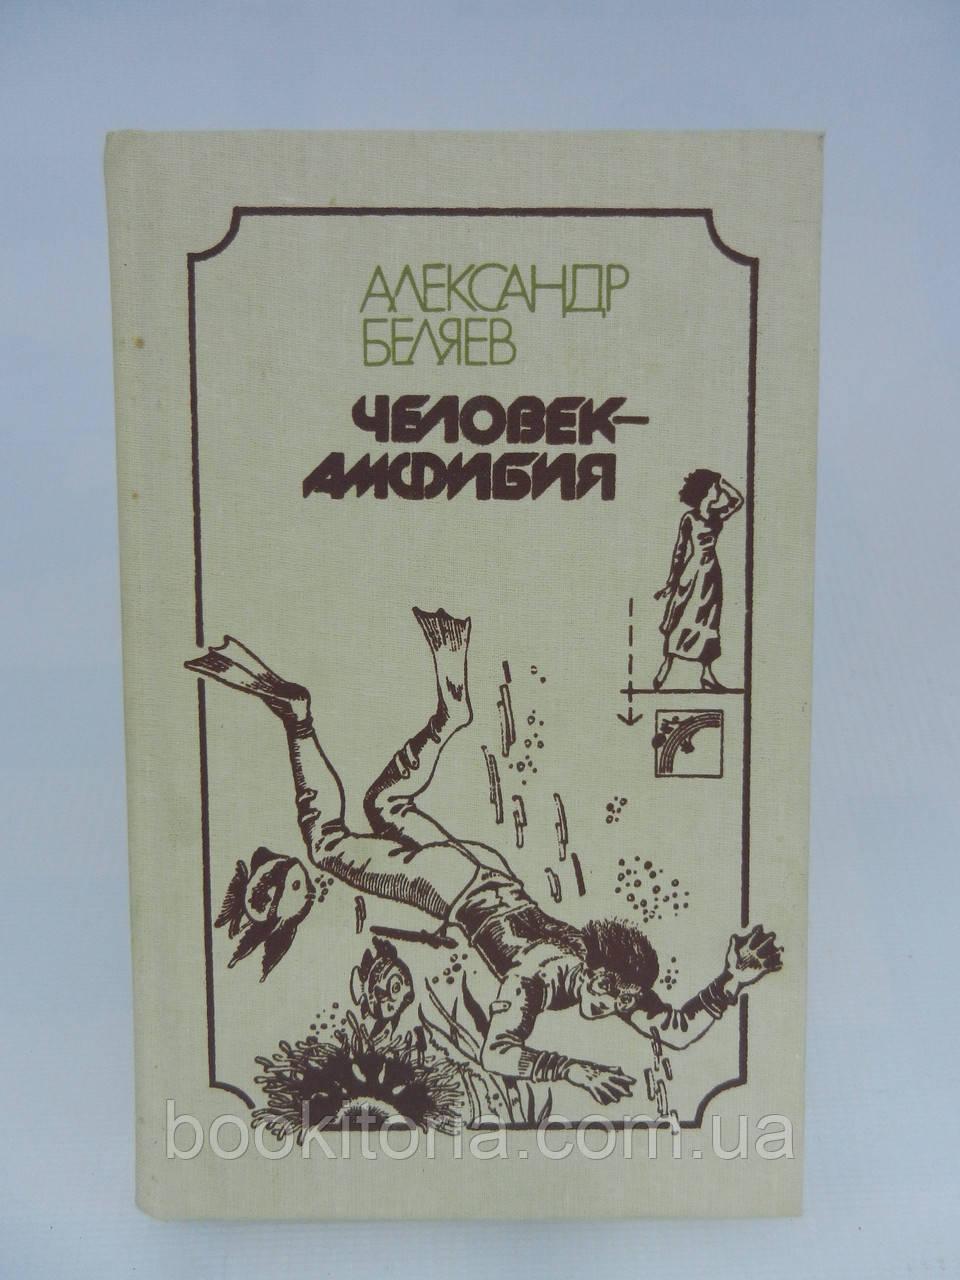 Беляев А. Человек-амфибия (б/у).